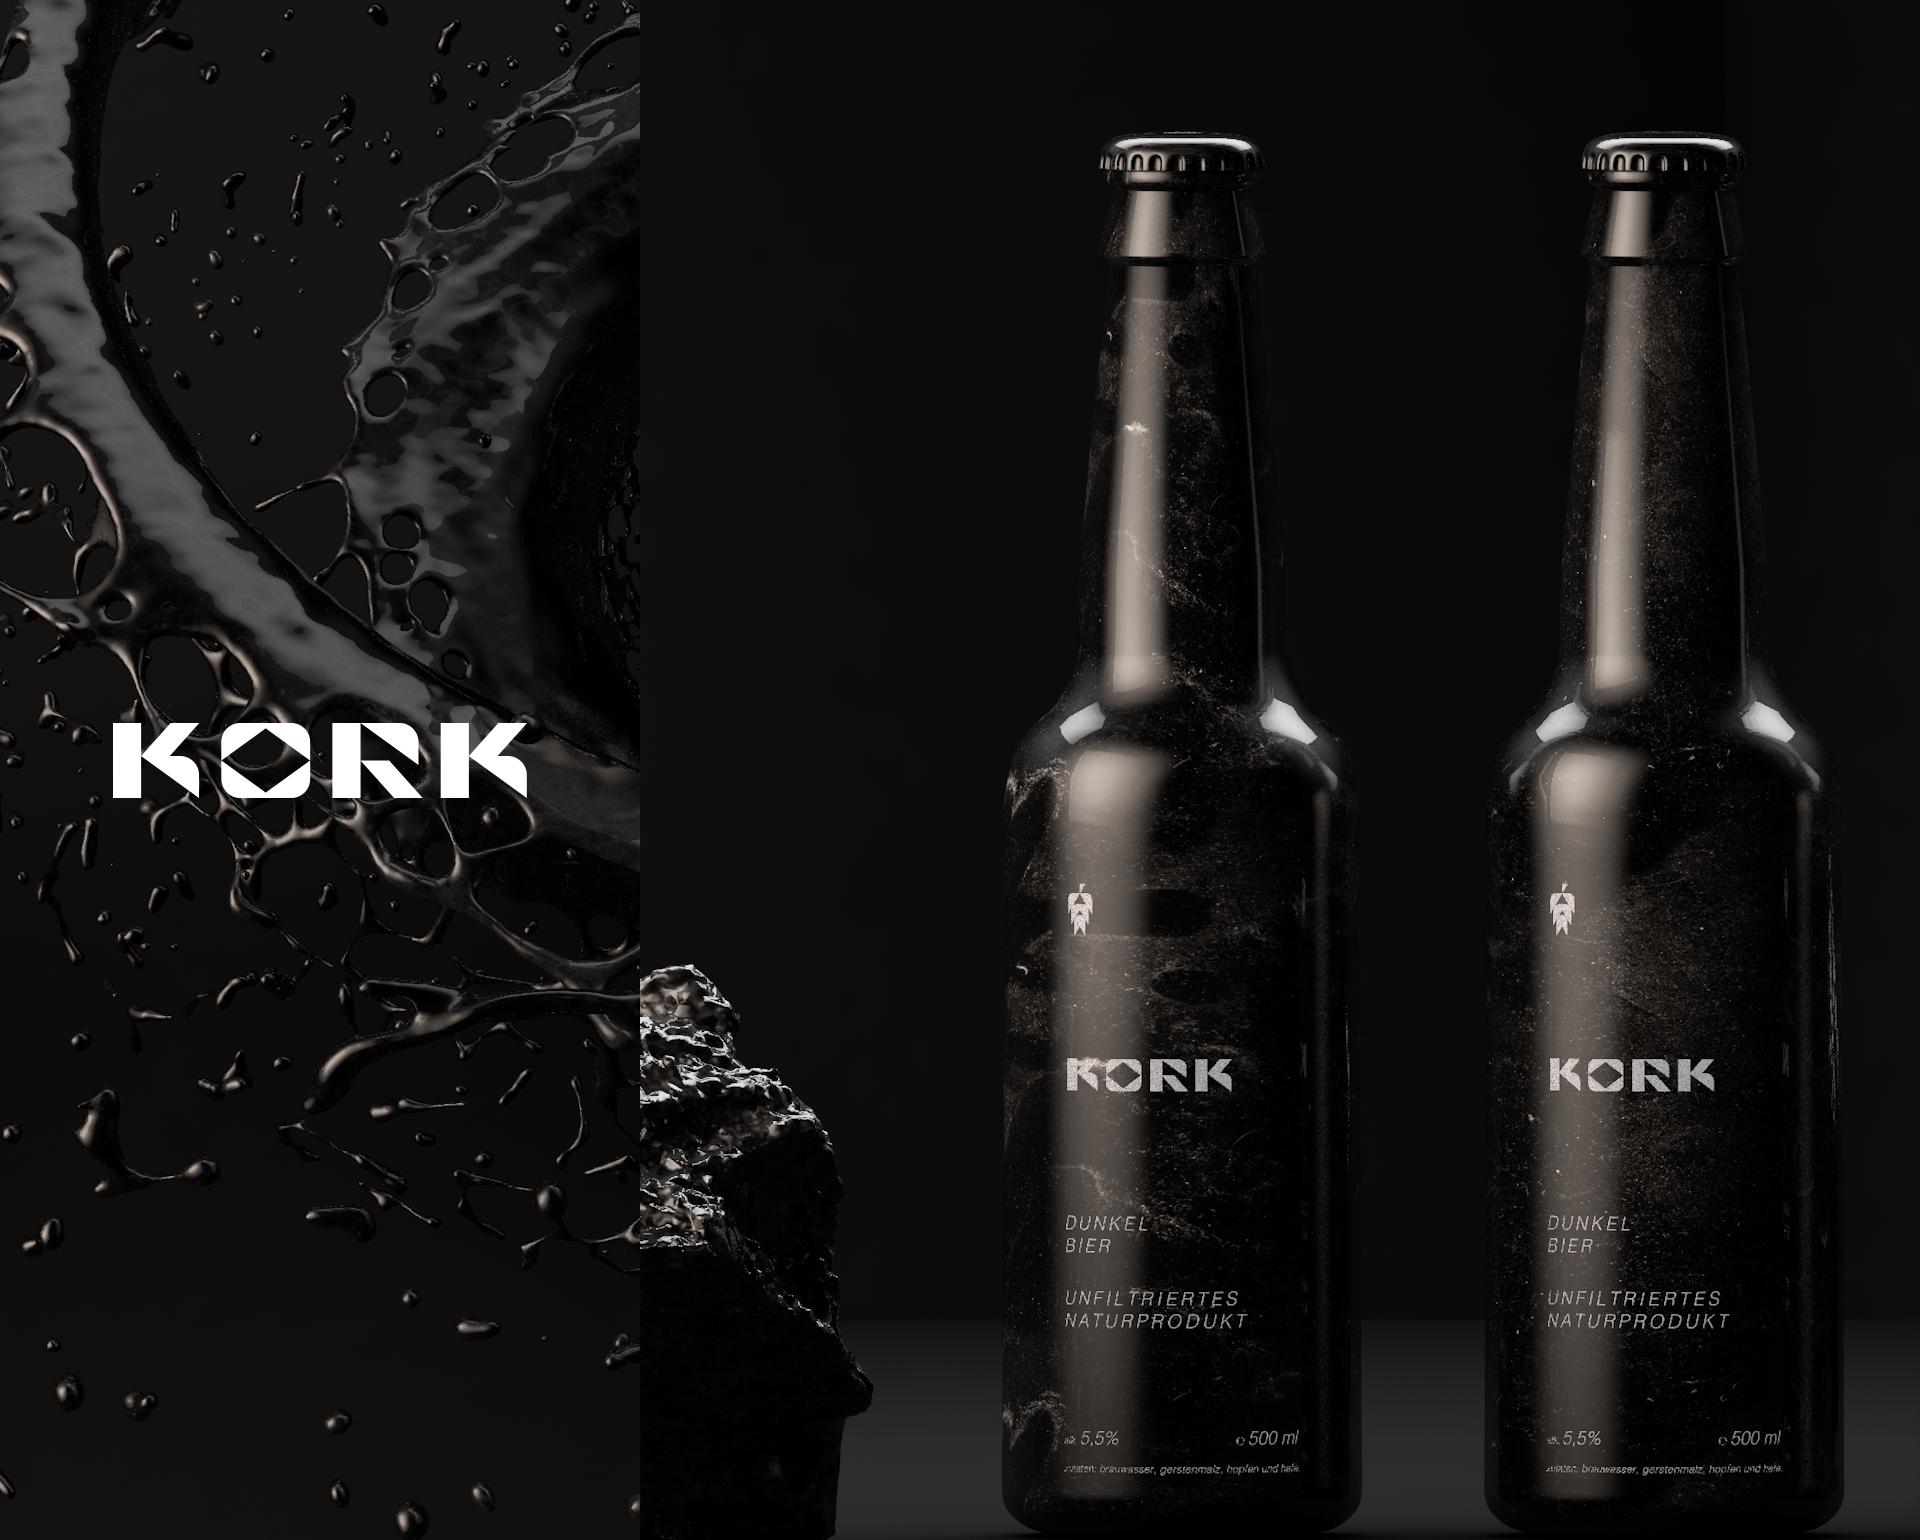 Voronoi Design Co - Kork3.png